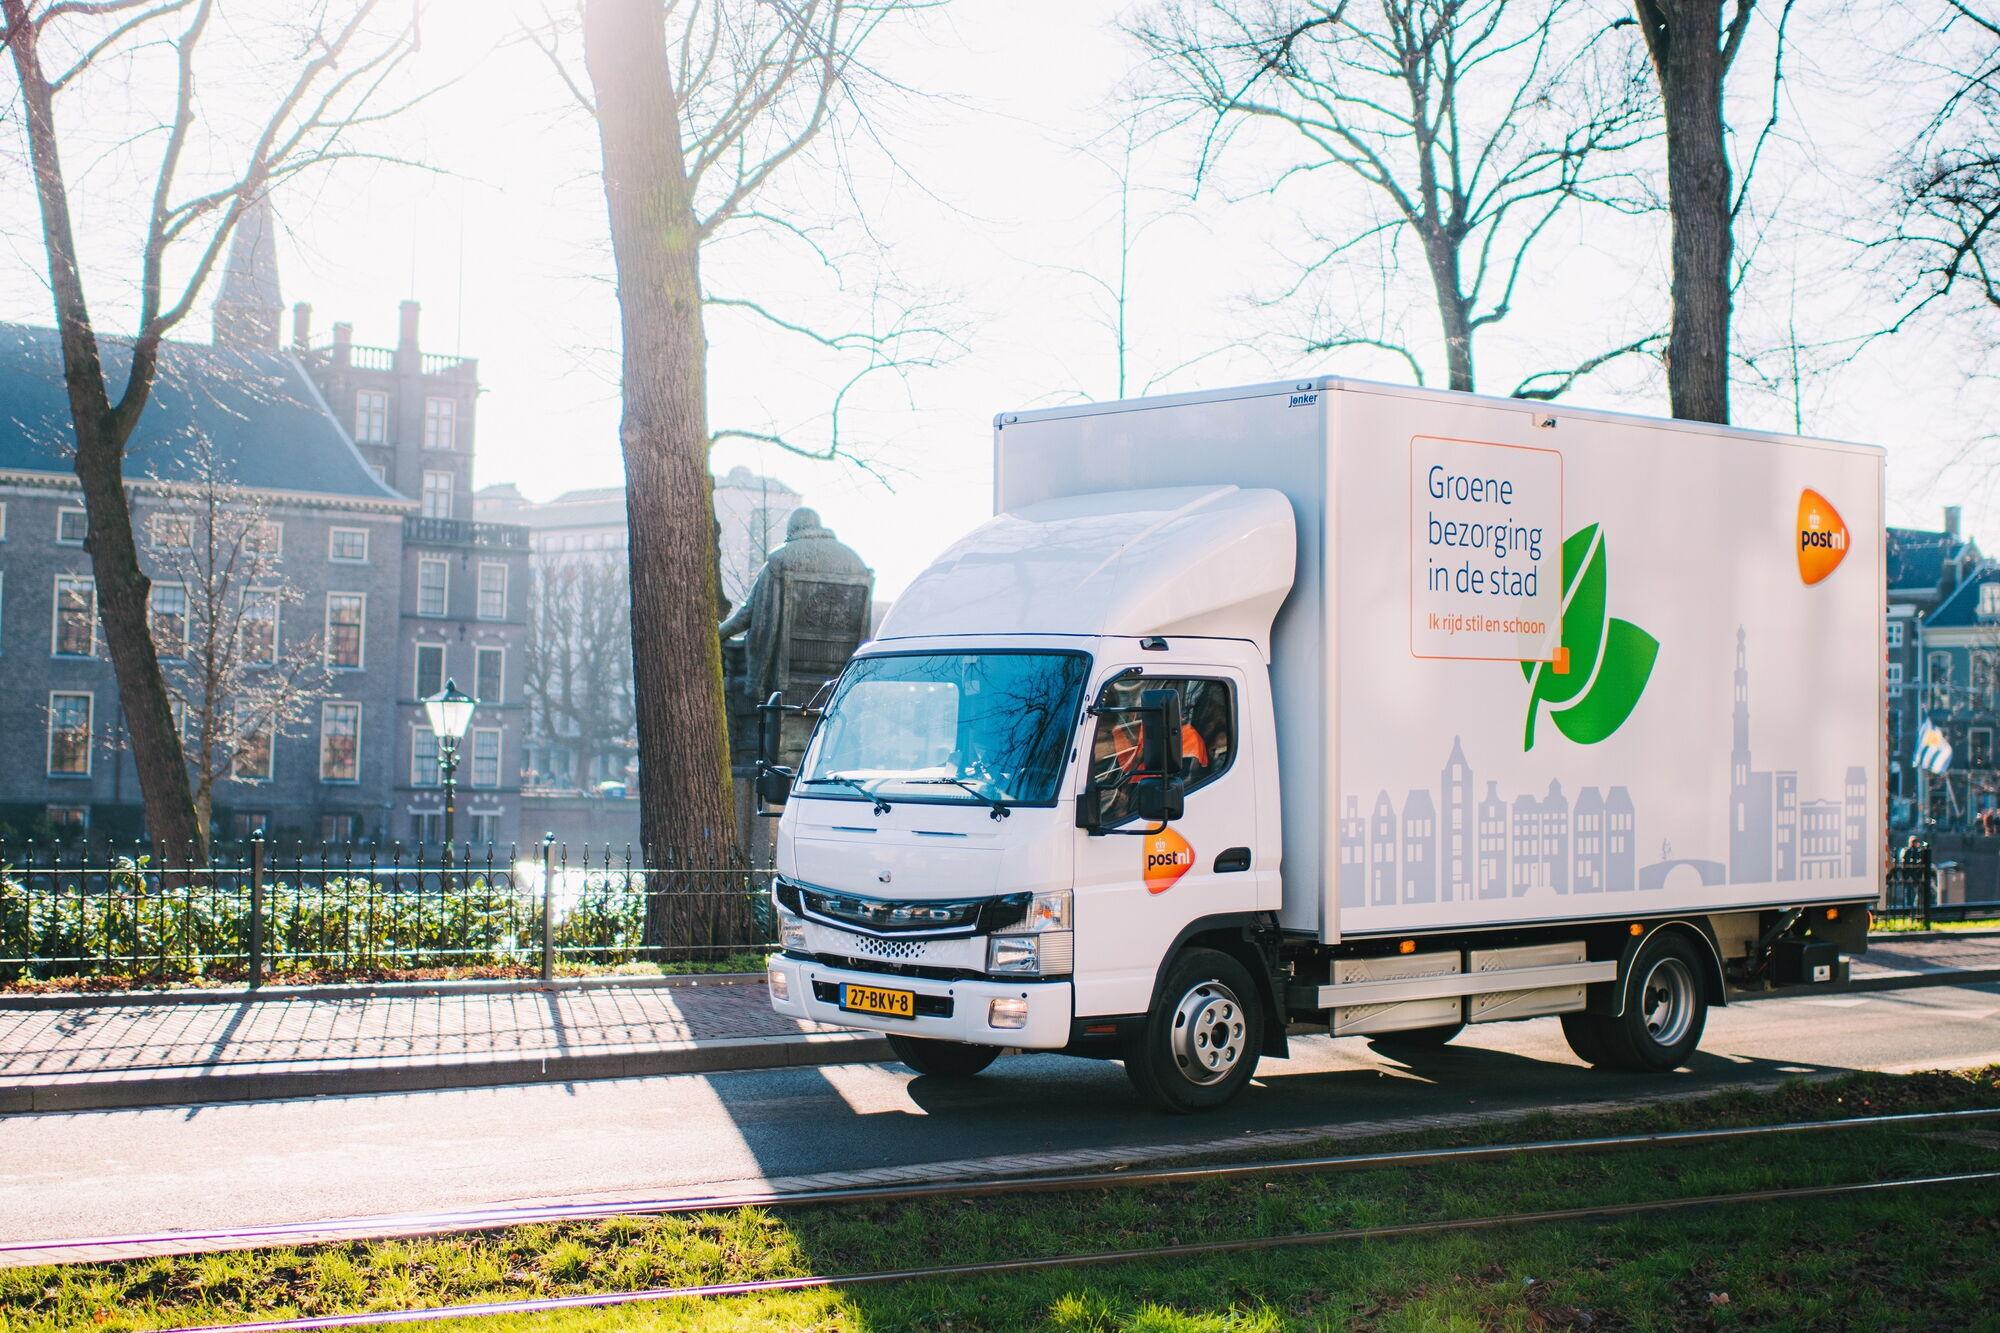 Електричні Fuso eCanter вантажопідйомністю 3,5 т використовуються в Європі для доставки товарів по місту